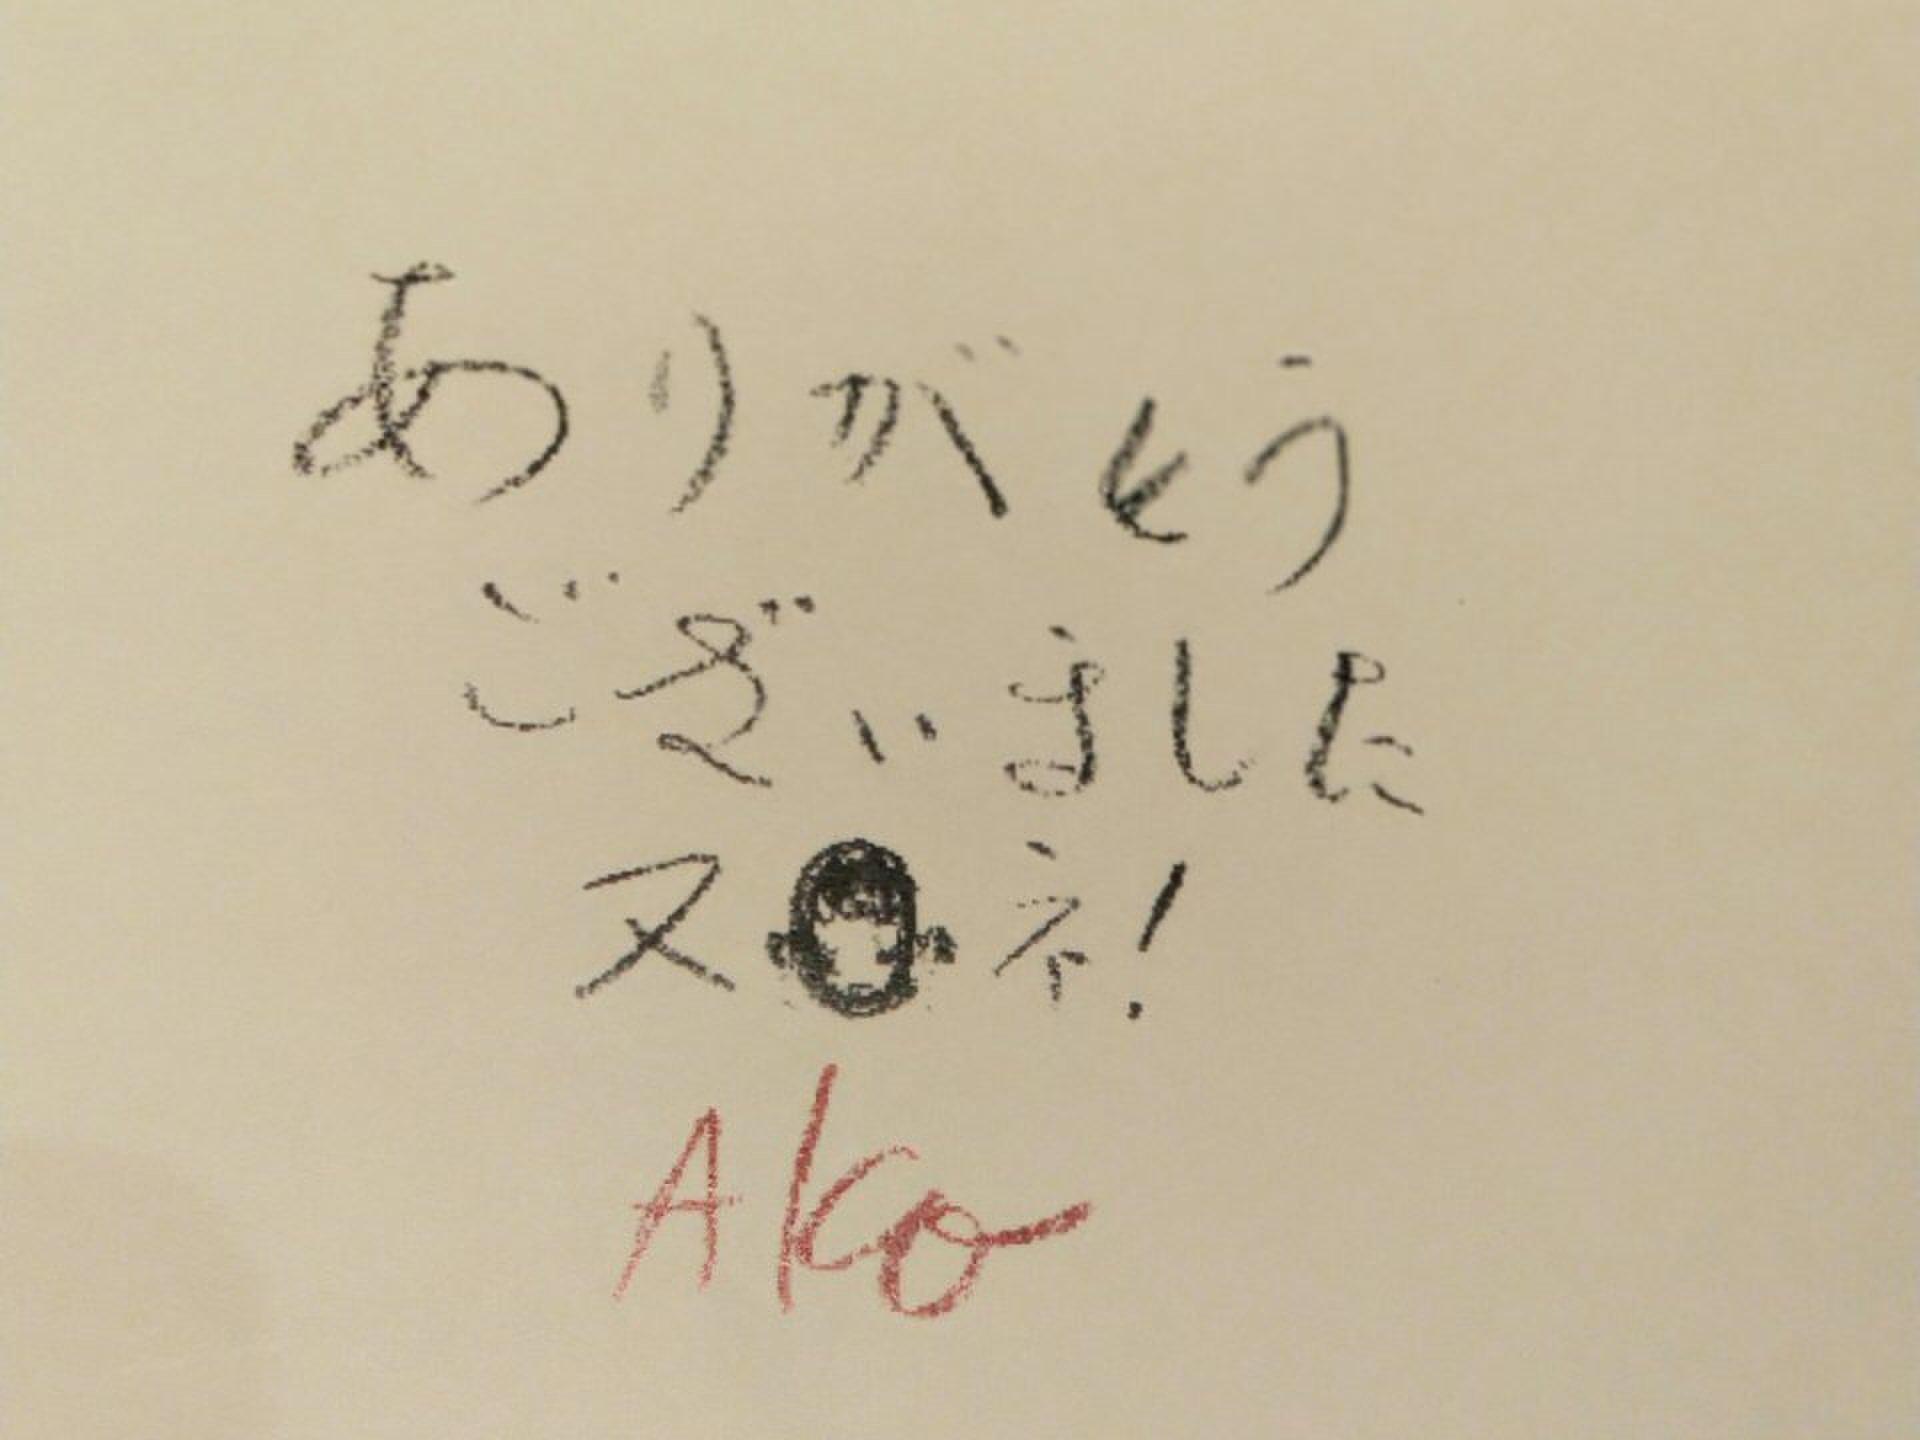 あの和田アキ子プロデュース!!!「わだ家」のしゃぶしゃぶが斬新すぎ。つくばおすすめ居酒屋に決定♡